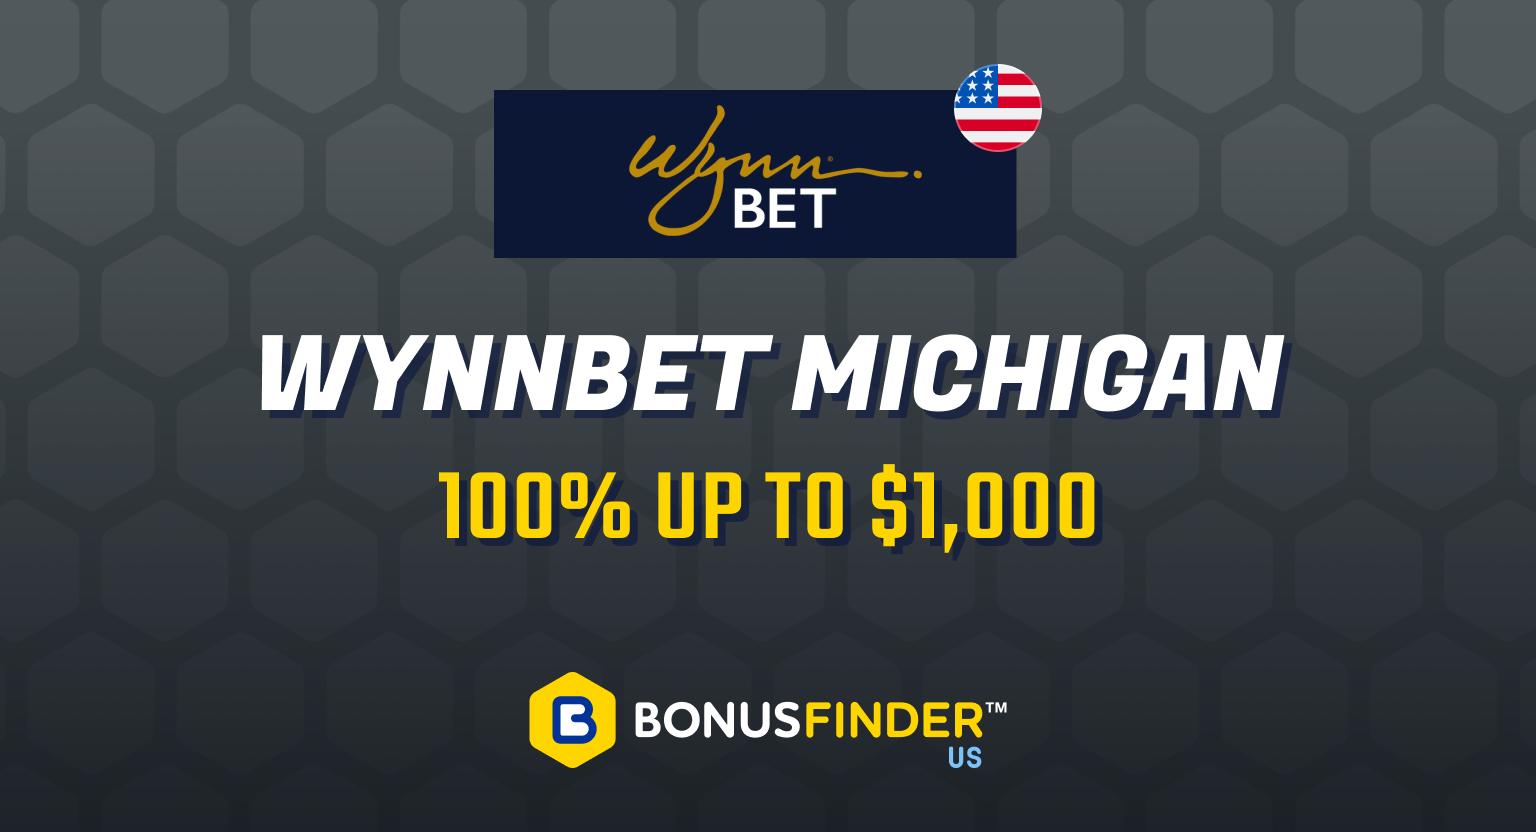 WynnBET Michigan Promo Code